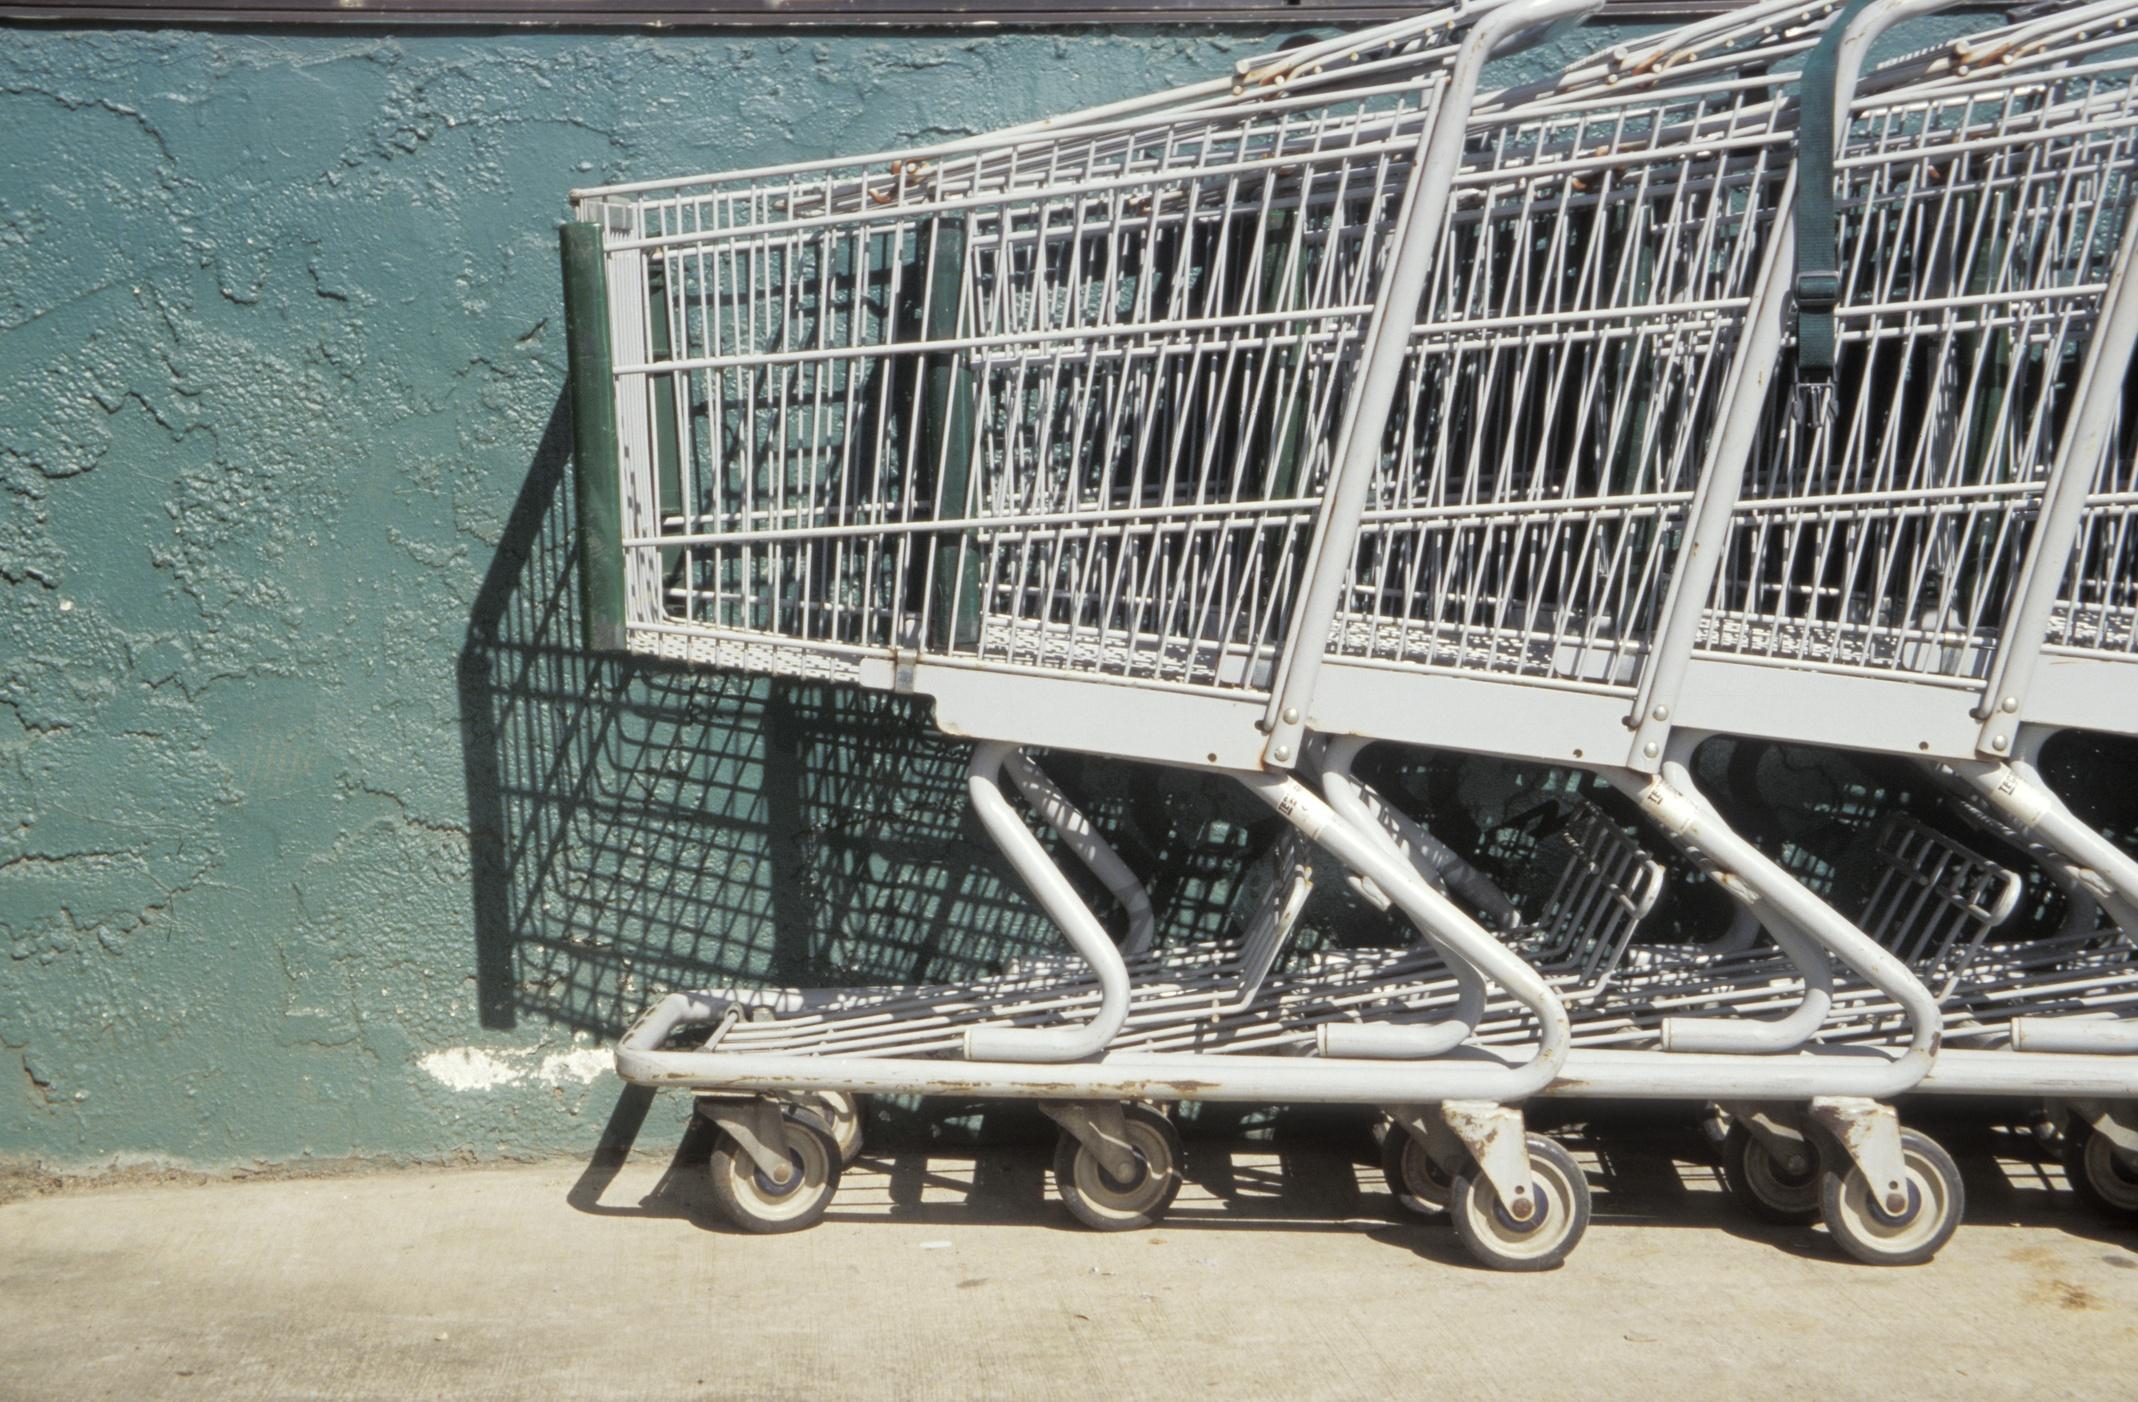 shopping-cart-abandonment-retargeting-ads.jpg